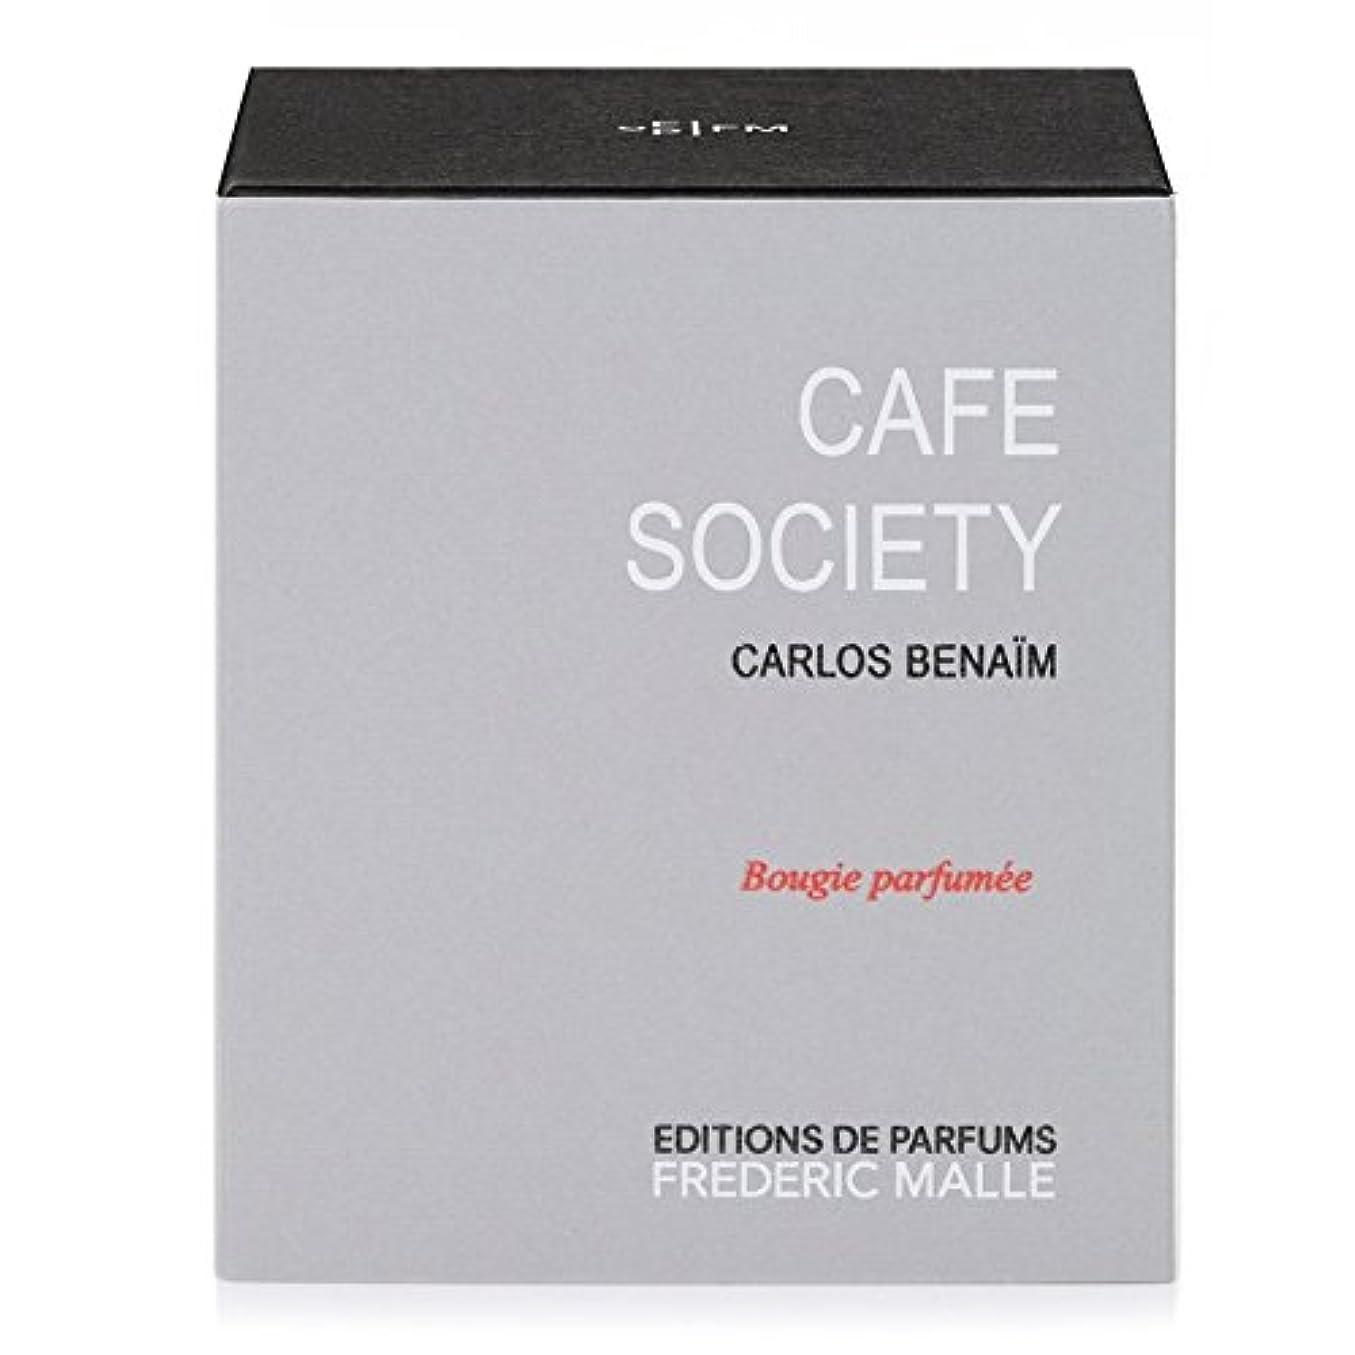 十分です書き出す咳Frederic Malle Cafe Society Scented Candle 220g (Pack of 2) - フレデリック?マルカフェ社会の香りのキャンドル220グラム x2 [並行輸入品]